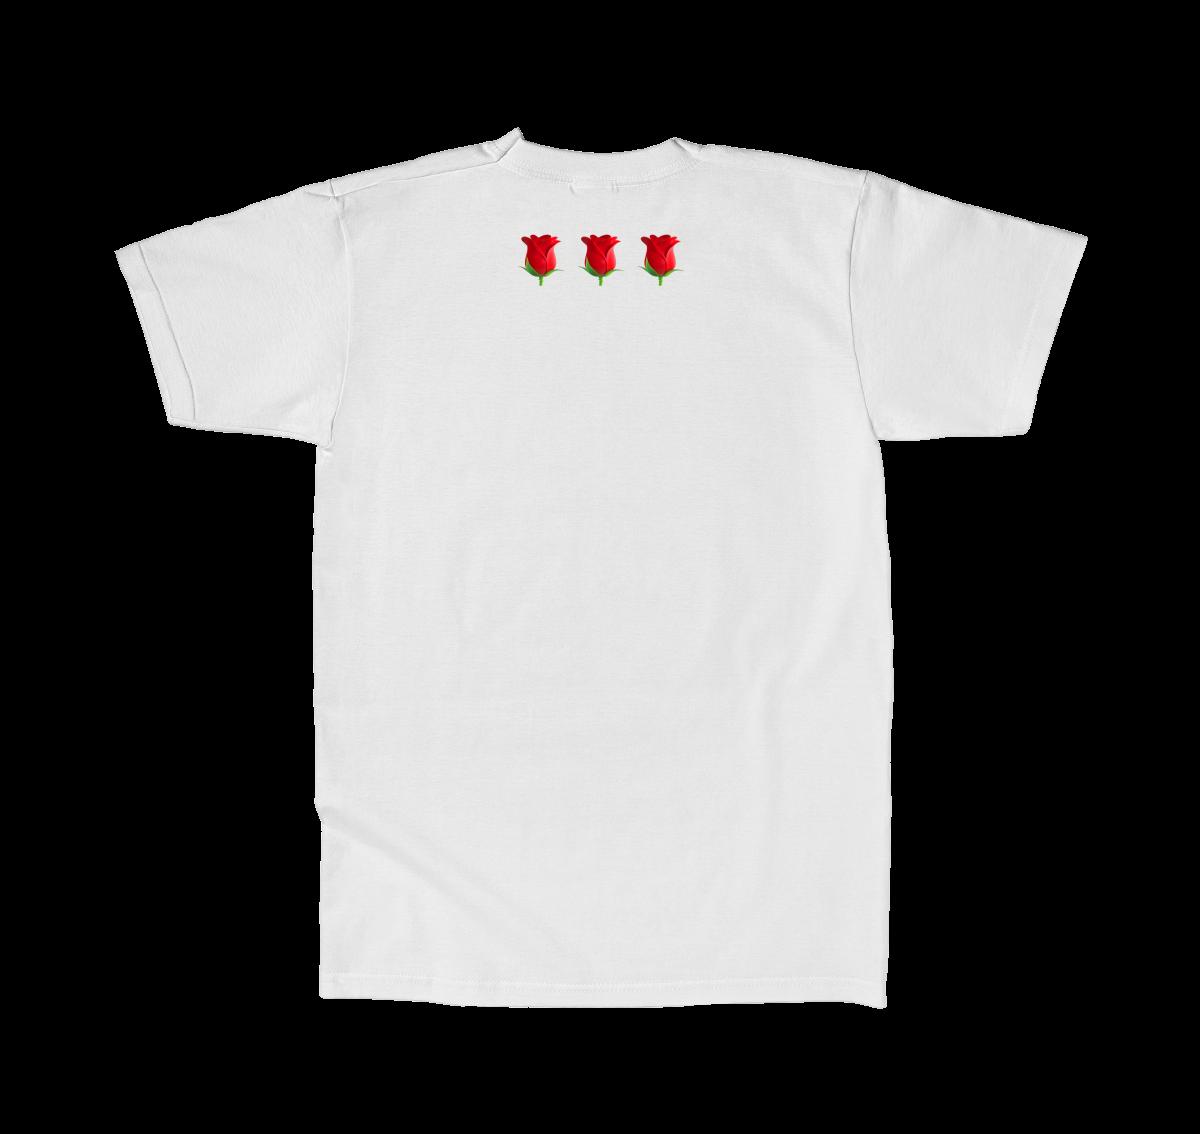 Shirt Back Final